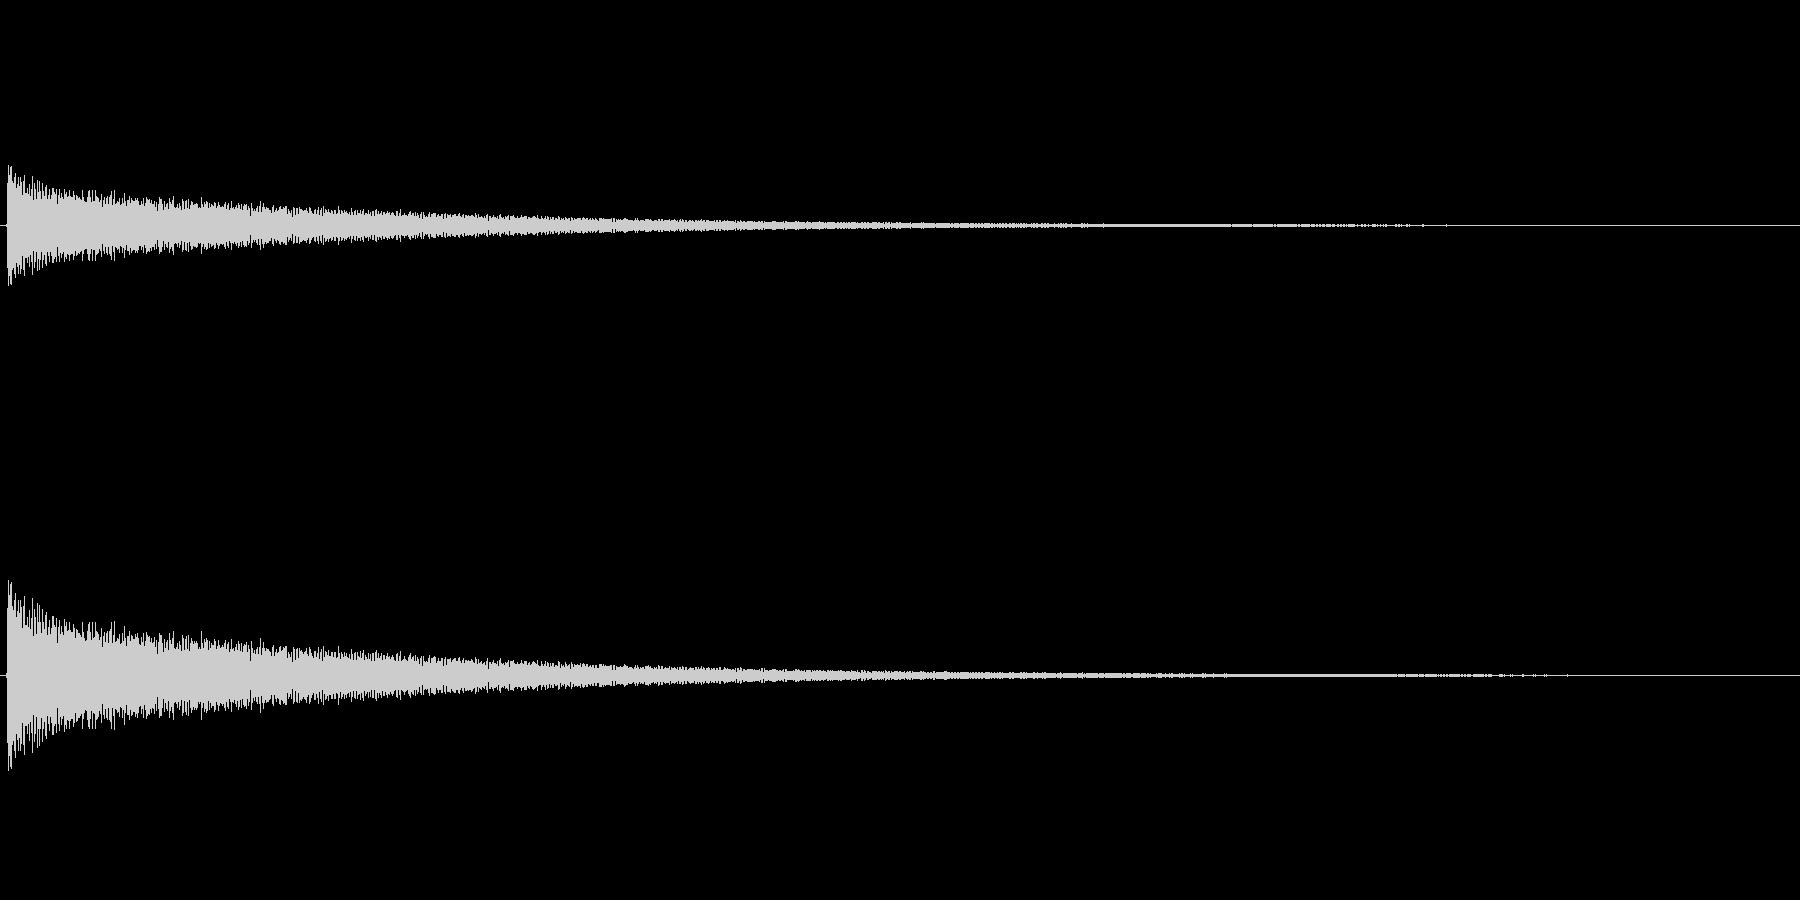 カーン(チーン)/チューブラベルの残念音の未再生の波形